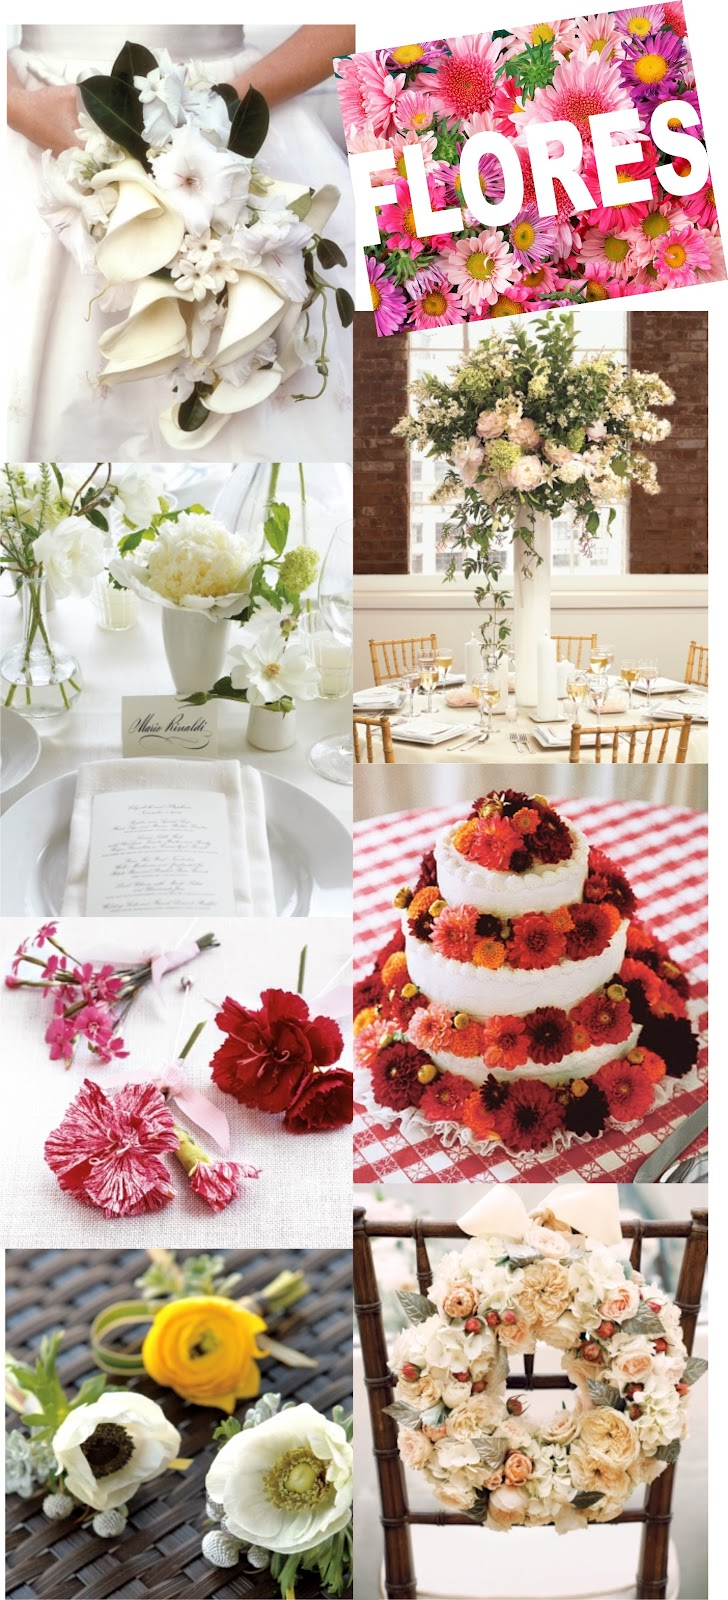 De lacinhos a flores: veja bolos de casamento com decoração